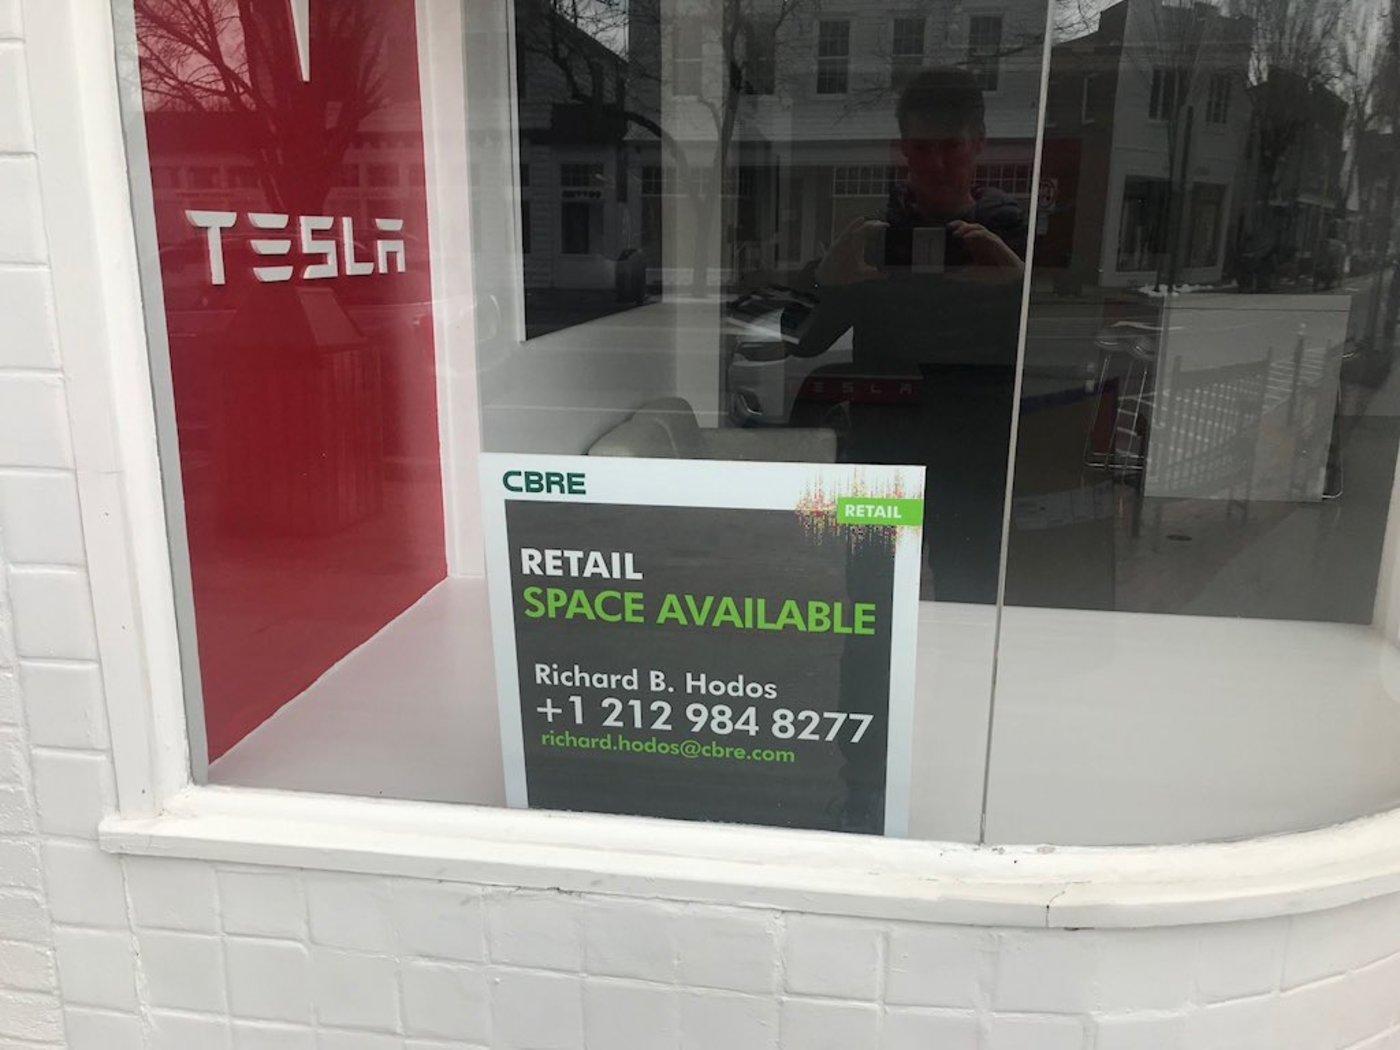 一家关停待租的特斯拉线下店,图片来自网络